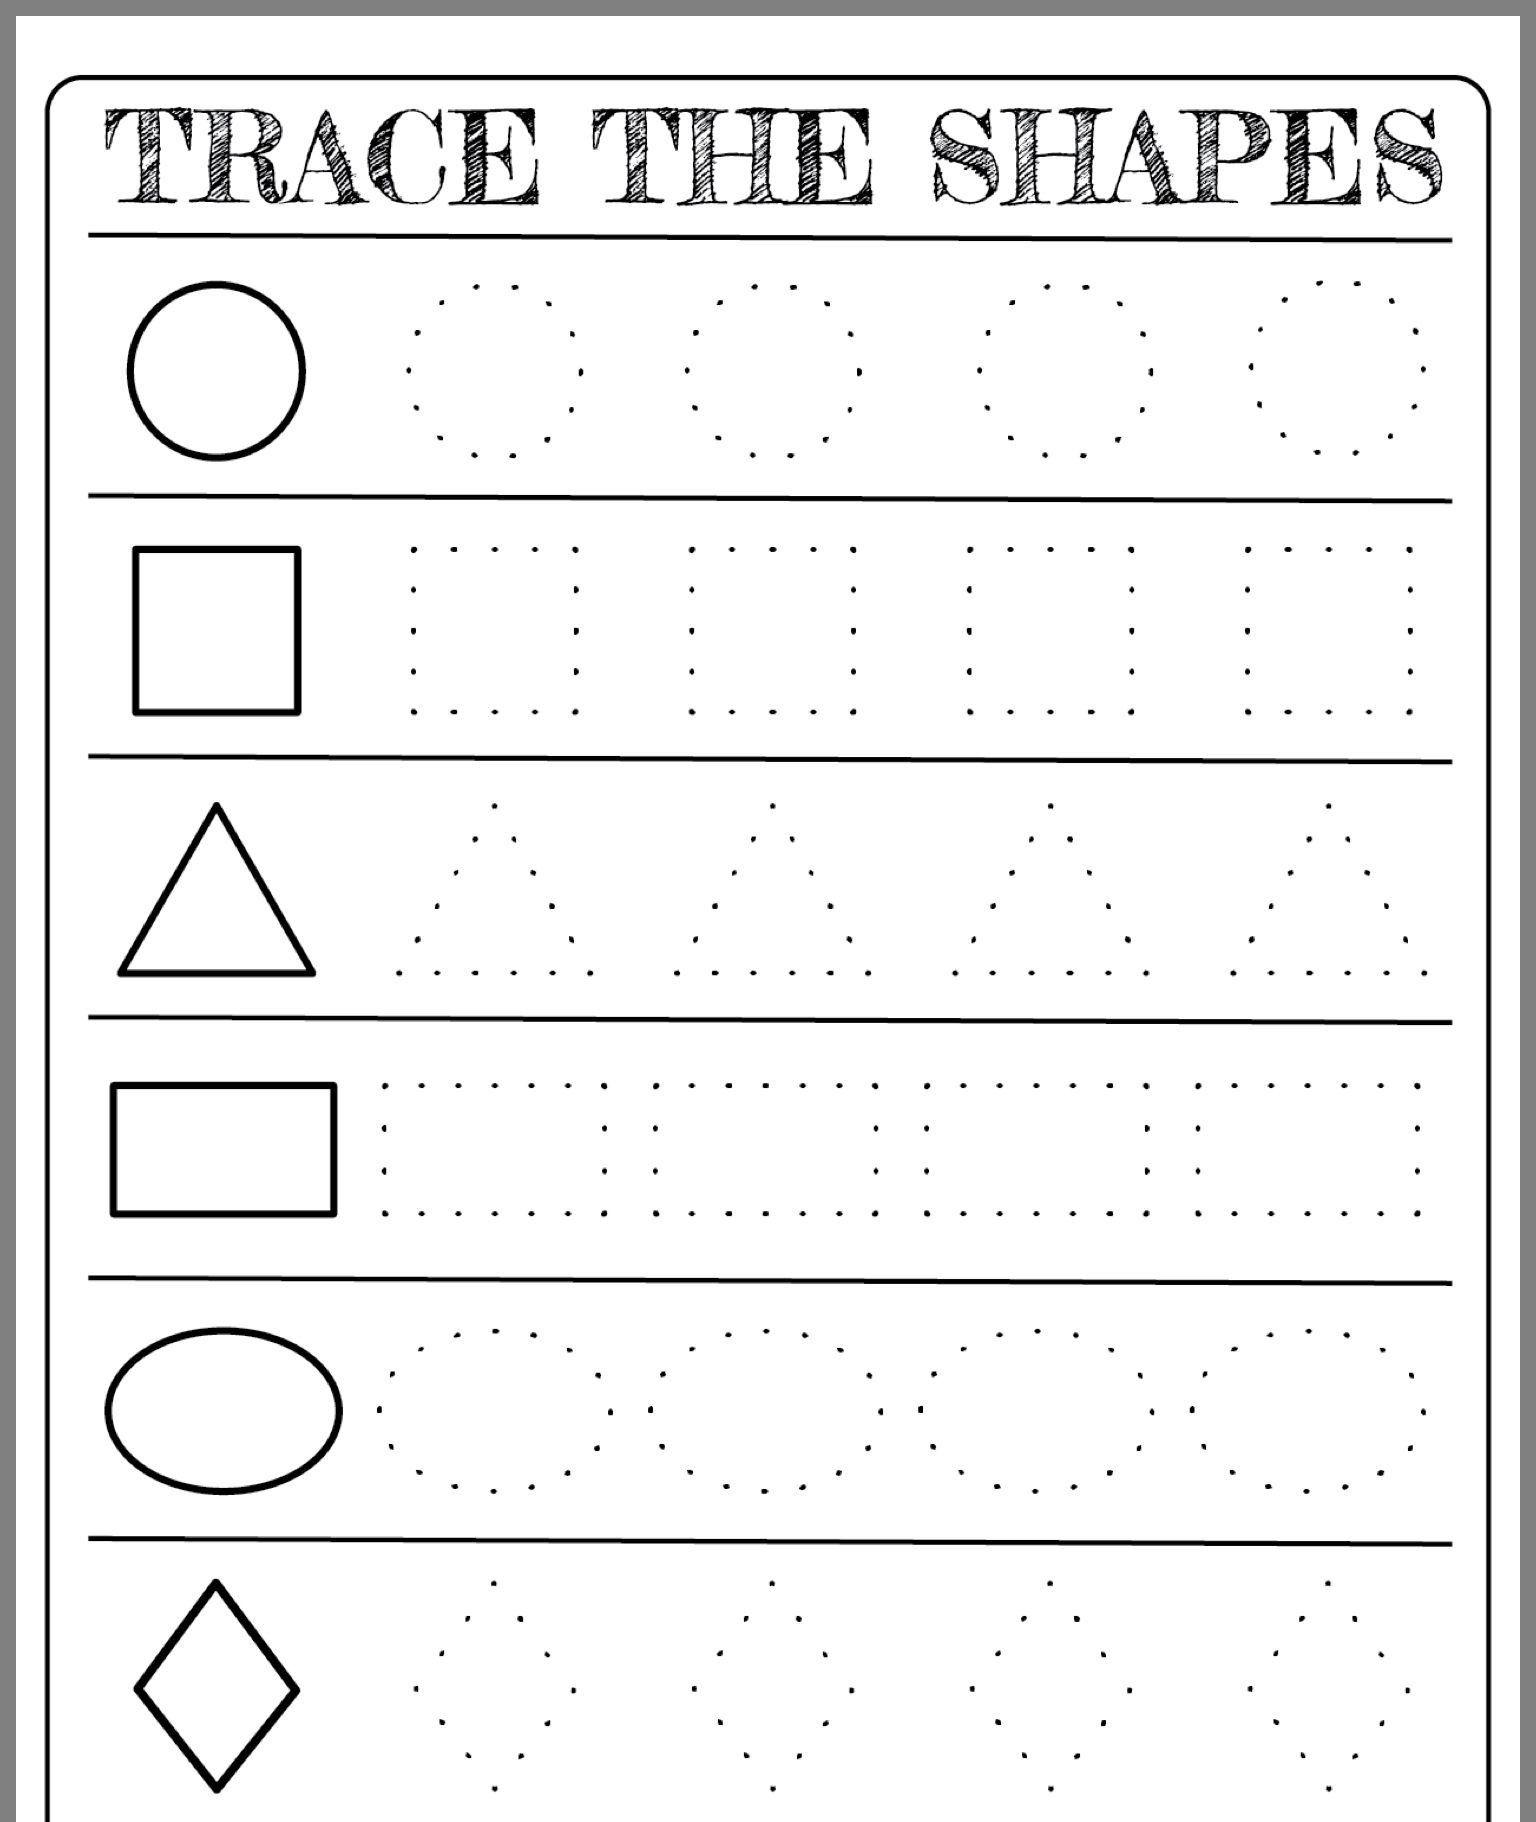 Shapes Worksheets For Kindergarten Free Printable Shapes